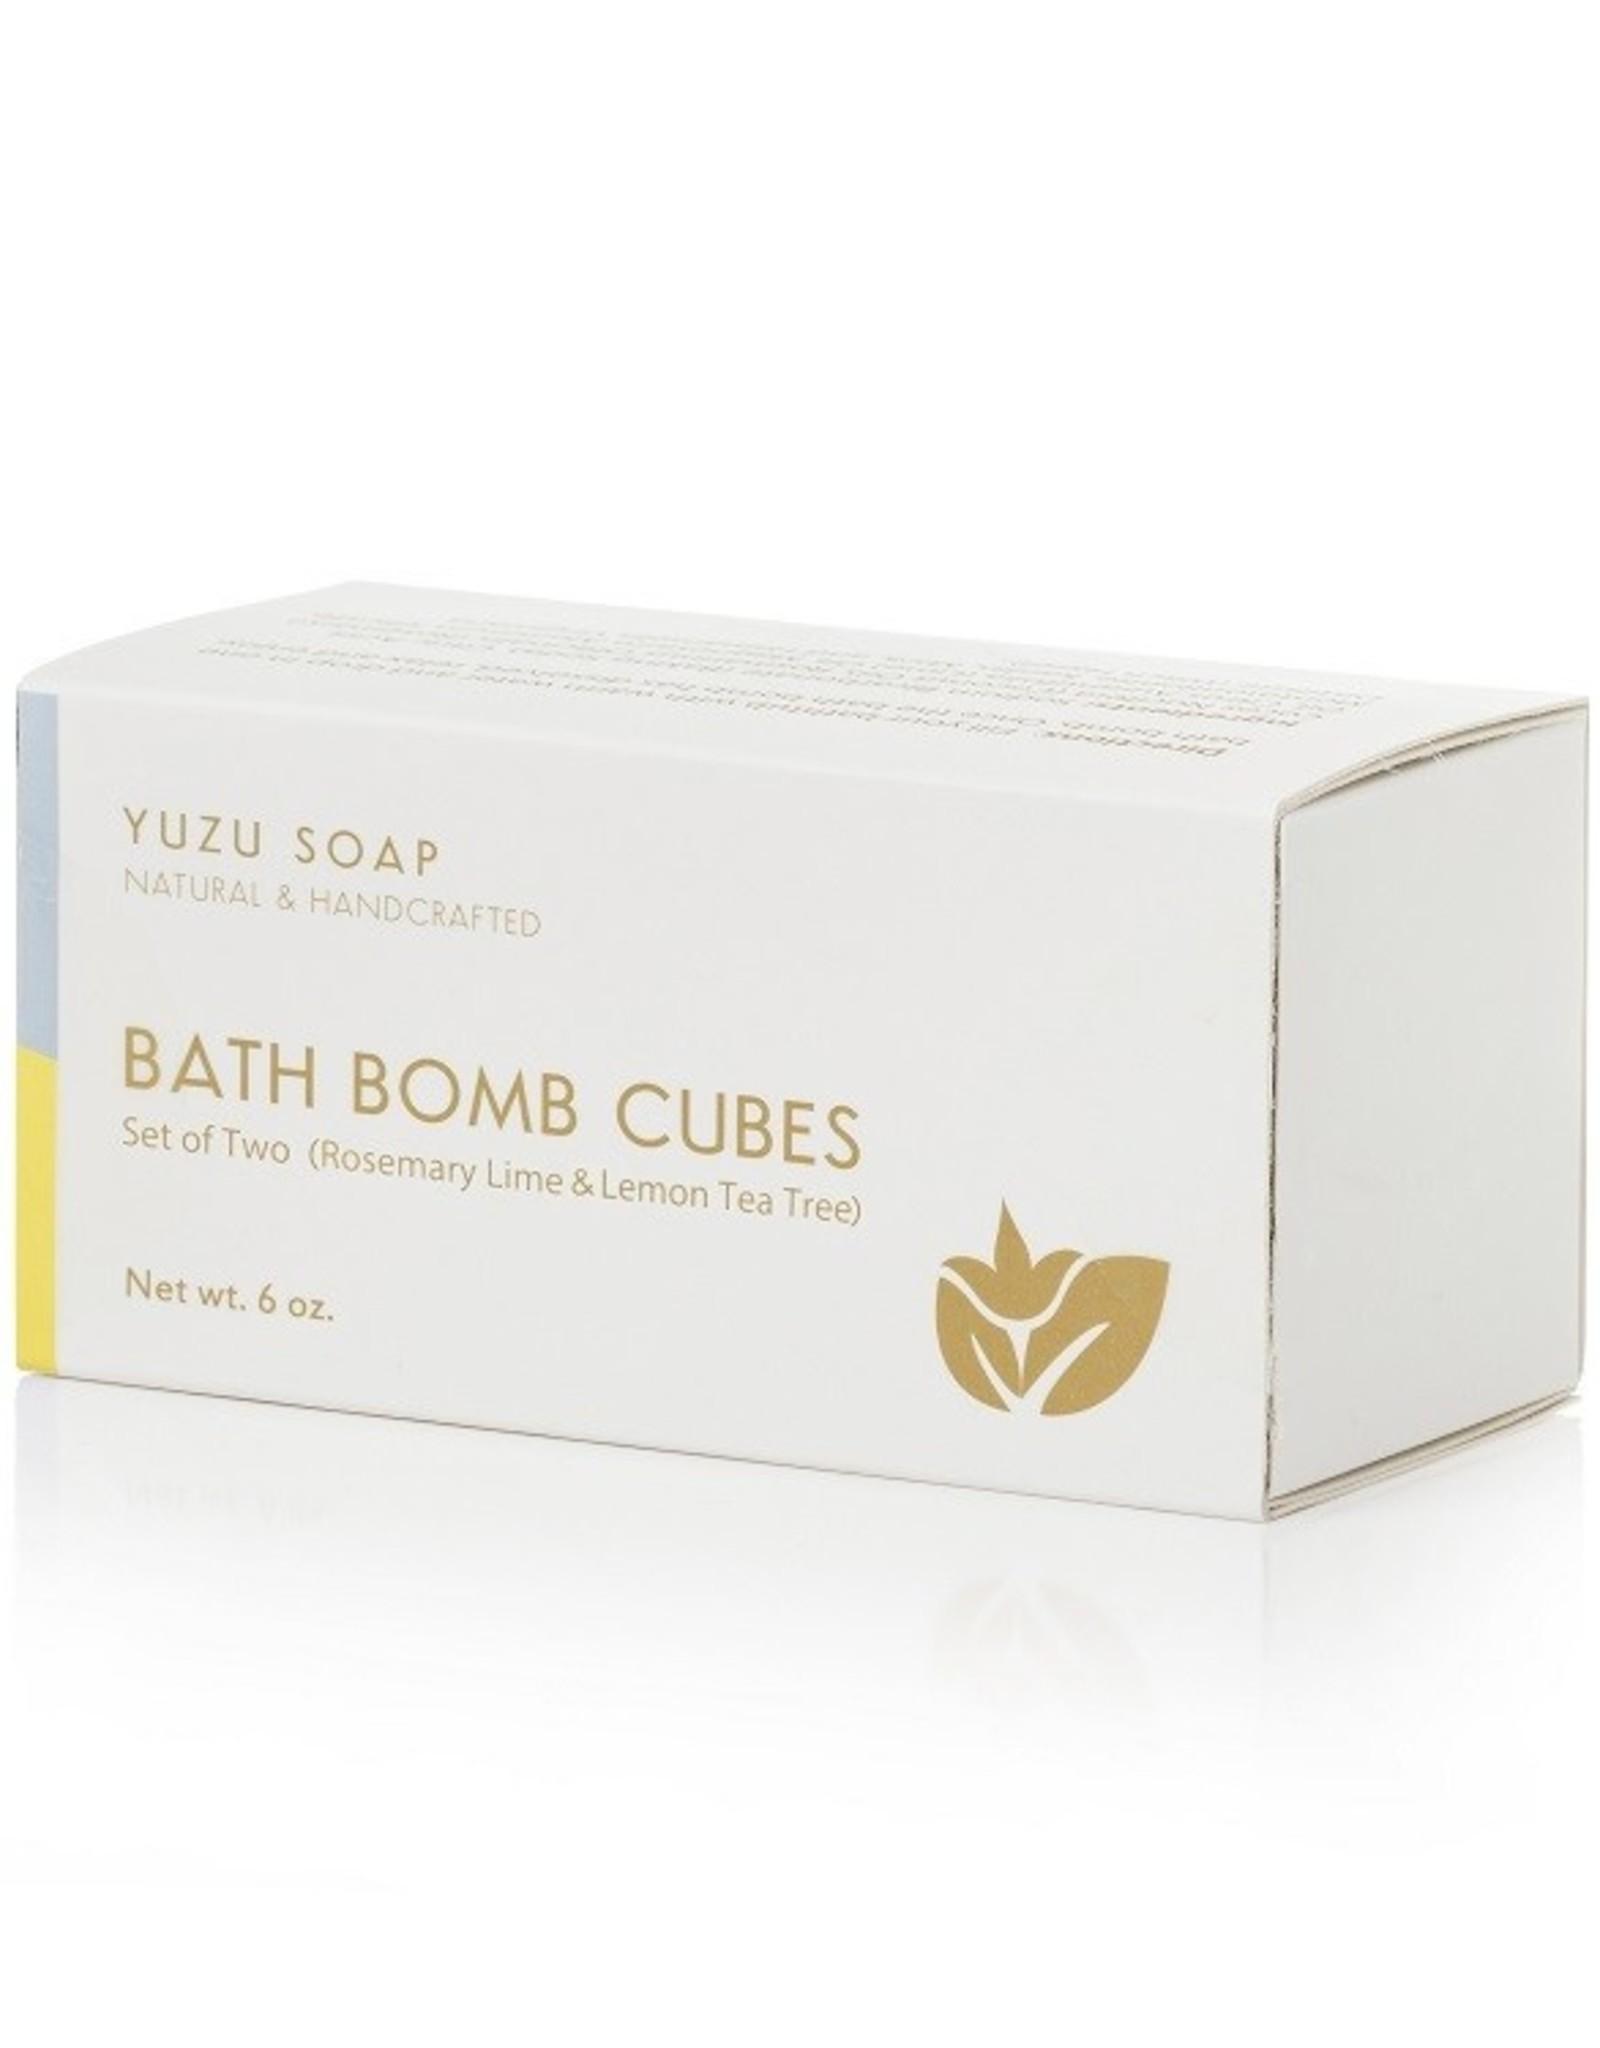 Variety Bath Bomb Cubes